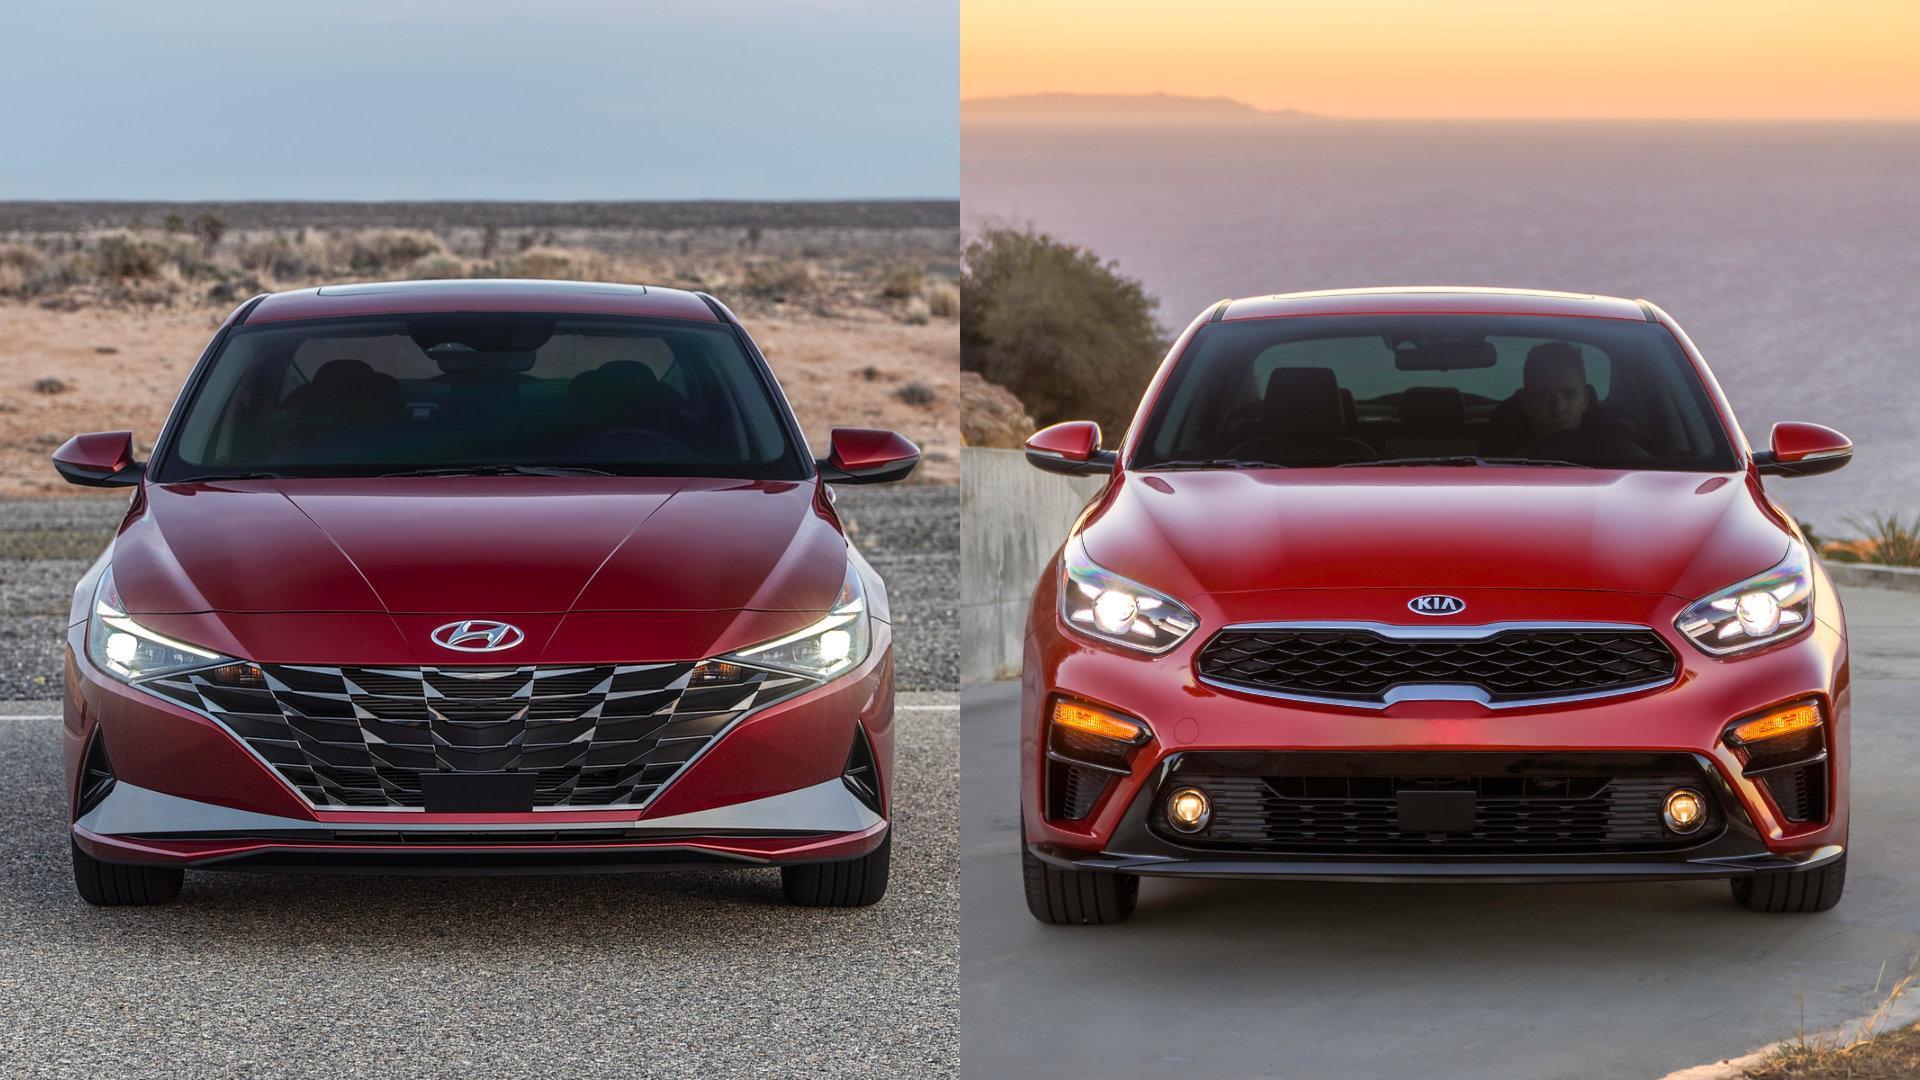 Hyundai Elantra vs Kia Forte